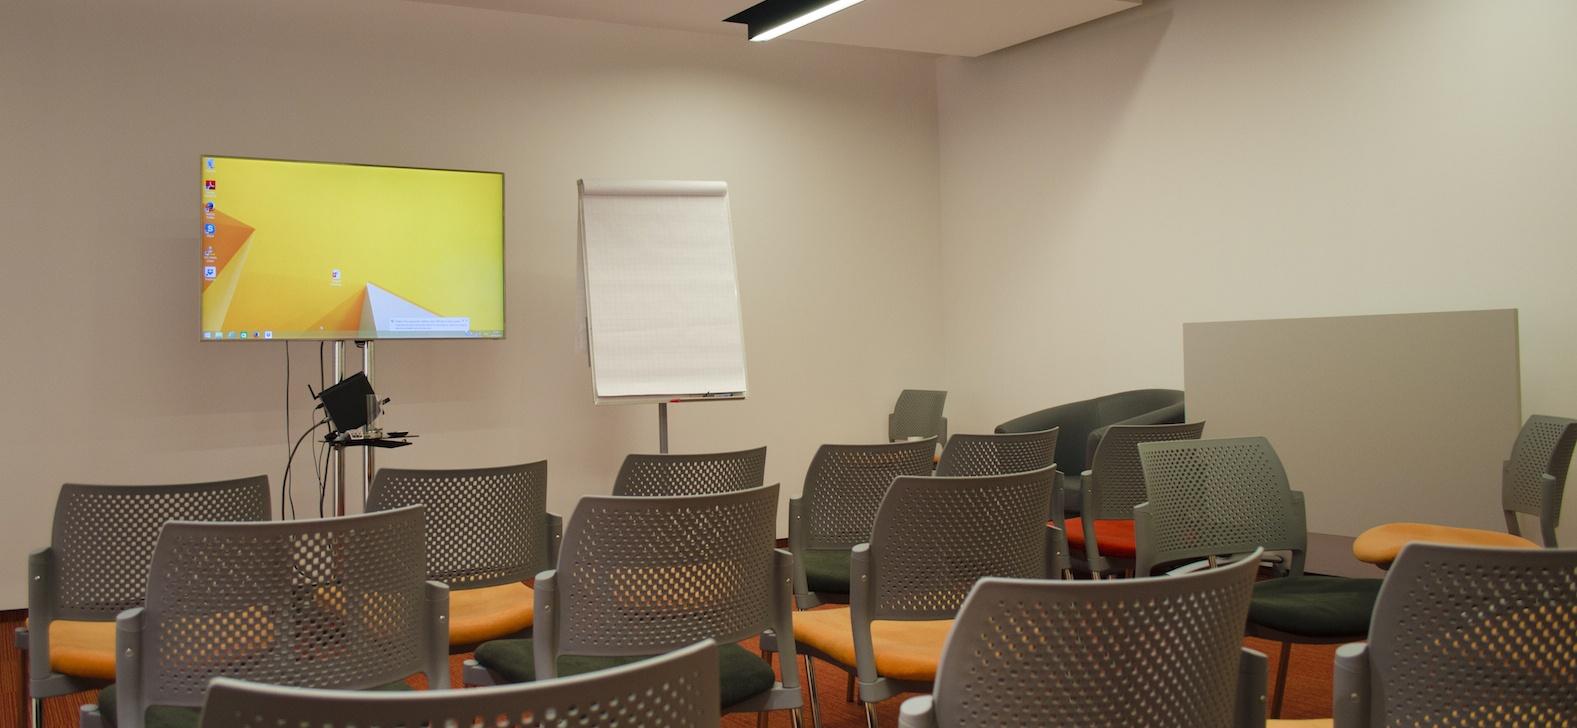 Школа инвестиций: Обучение эффективным инвестициям в стартапы - 2